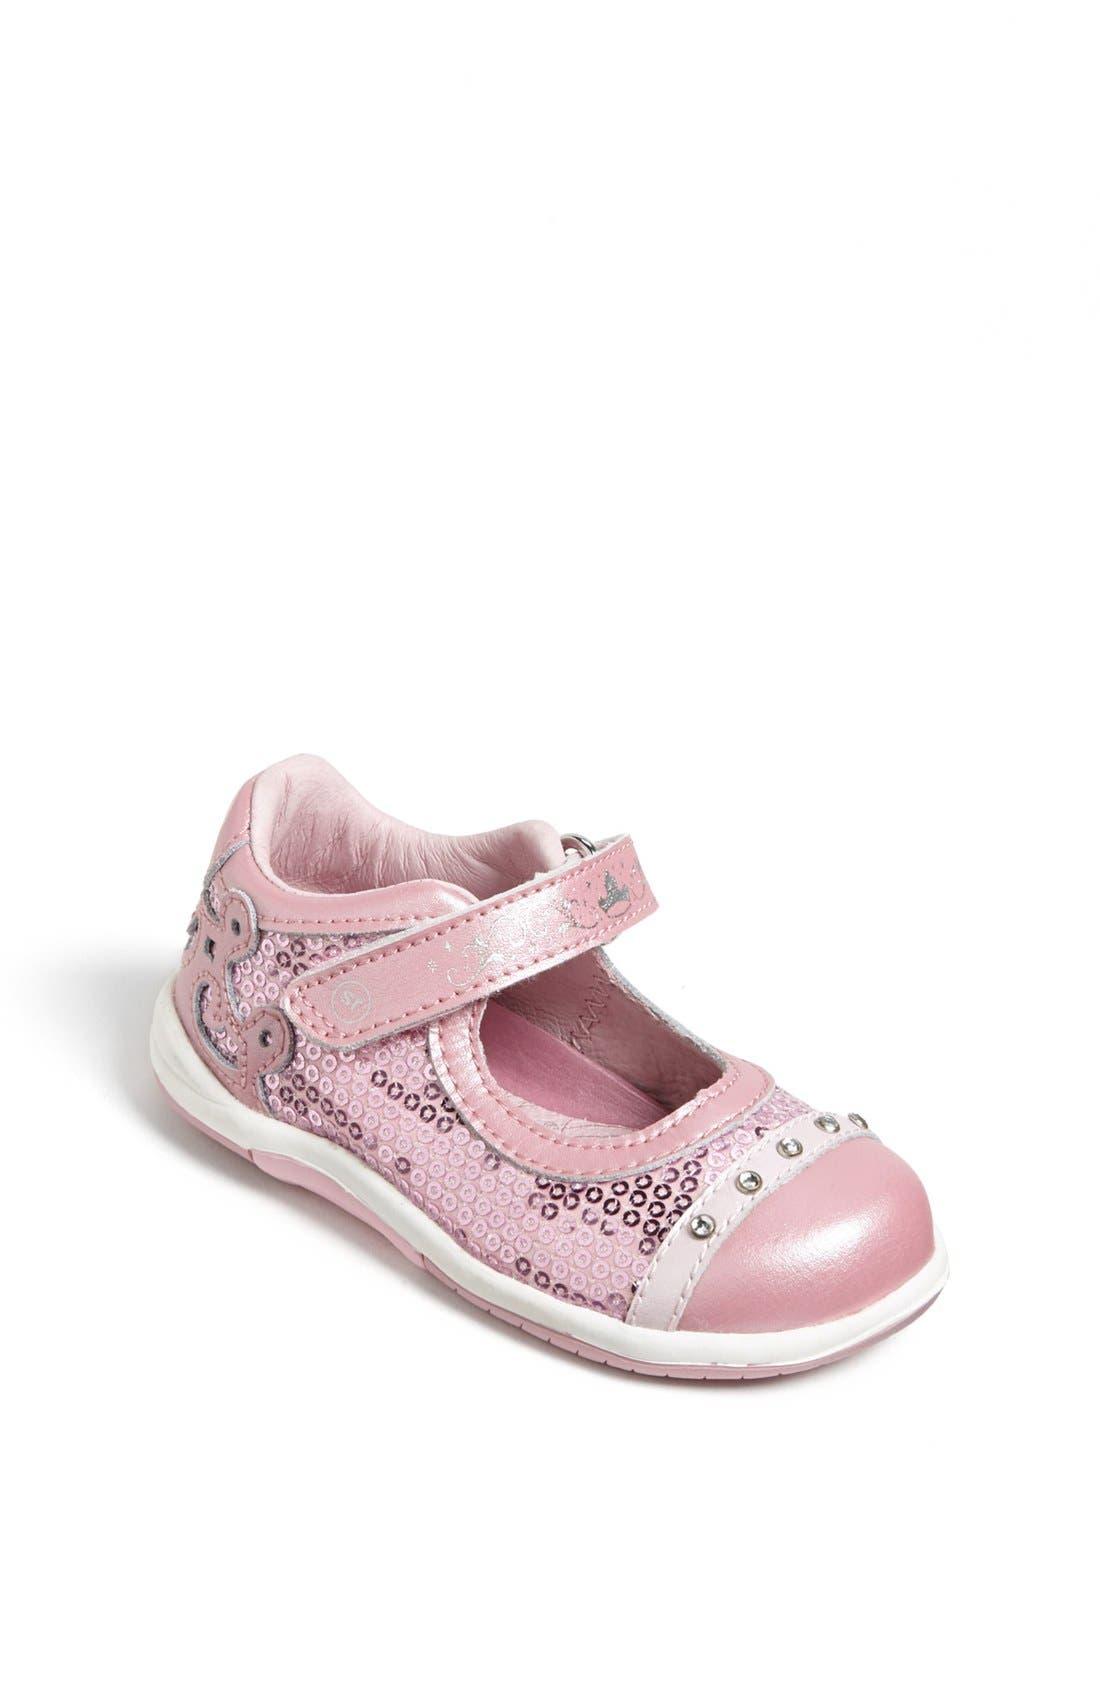 Alternate Image 1 Selected - Stride Rite 'SRT Aurora' Mary Jane Sneaker (Baby, Walker & Toddler)